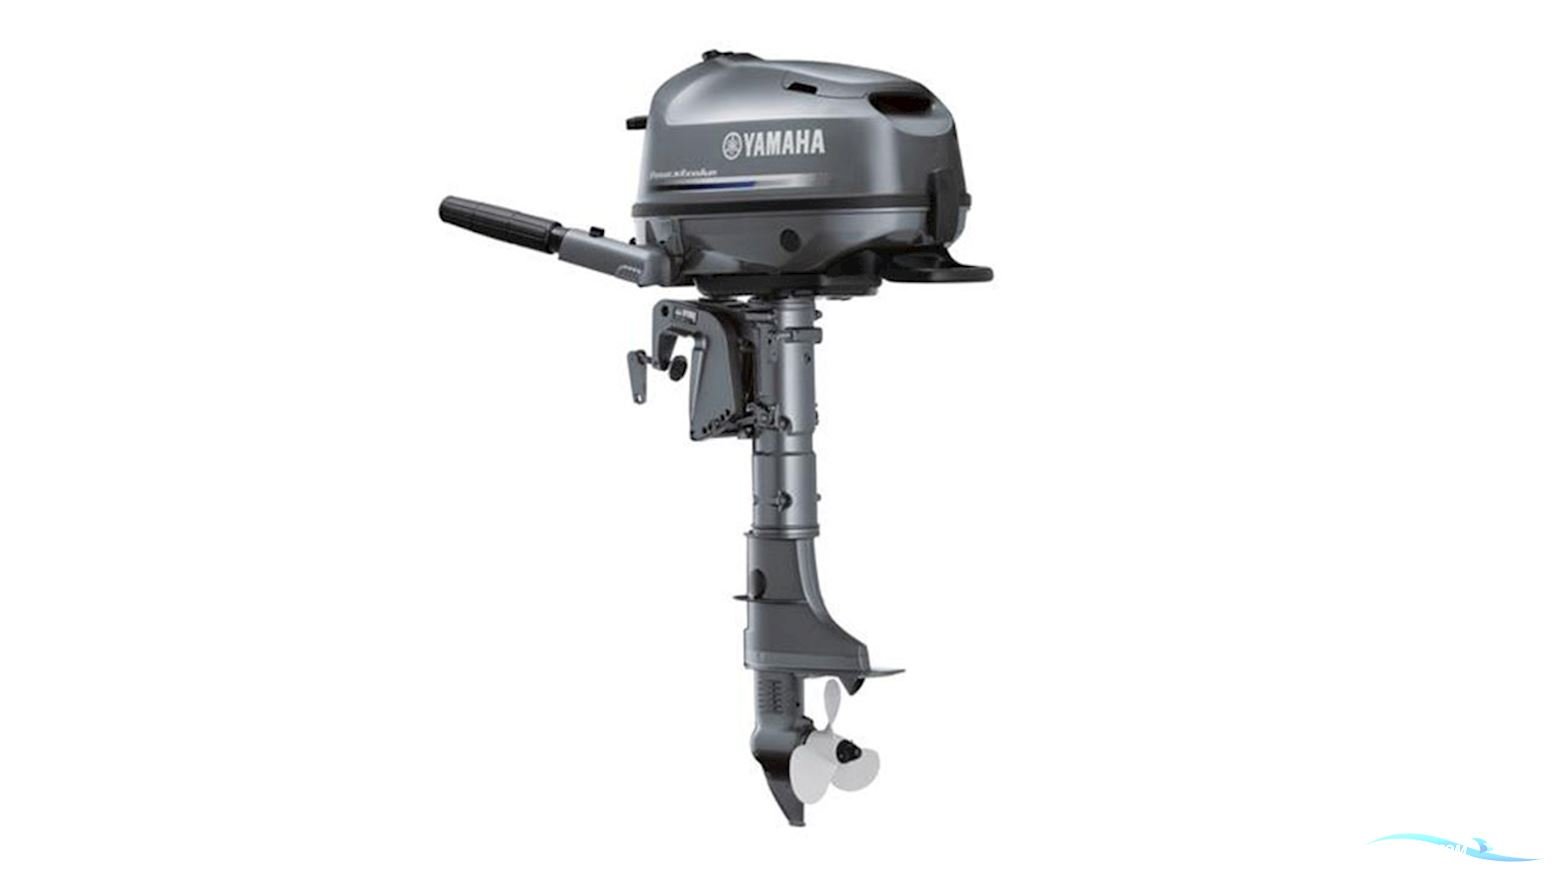 Yamaha 5 HK 4-Takt Påhængsmotor RESTPARTI